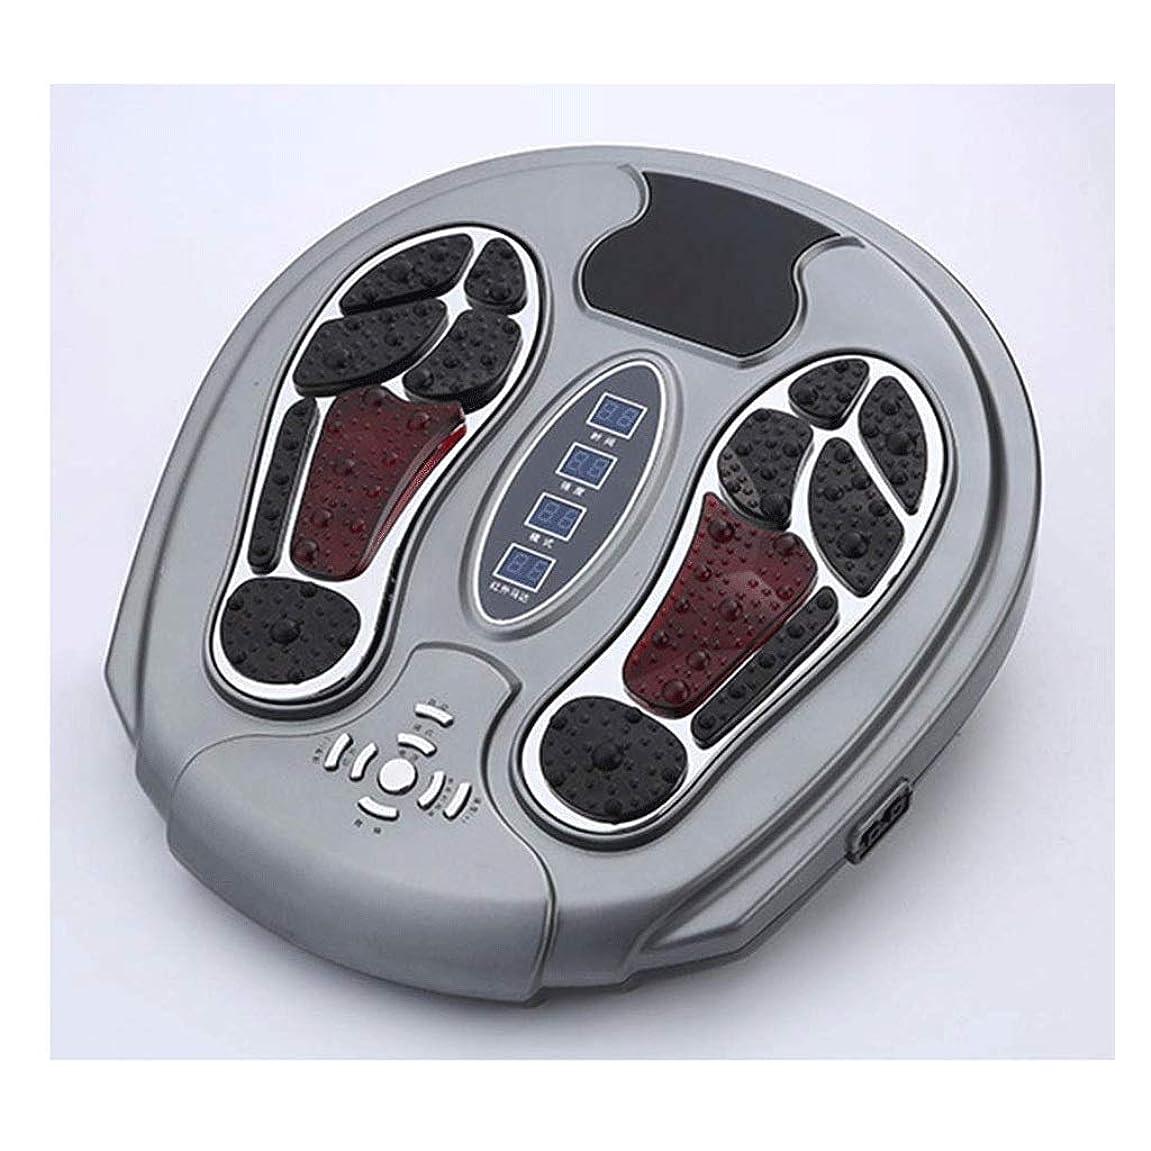 資金無知力強いLLRYN フットマッサージャー、熱、指圧加熱エレクトリックキーディングフットマッサージャーマシンの痛みを軽減、治療強度のある家庭用マッサージ